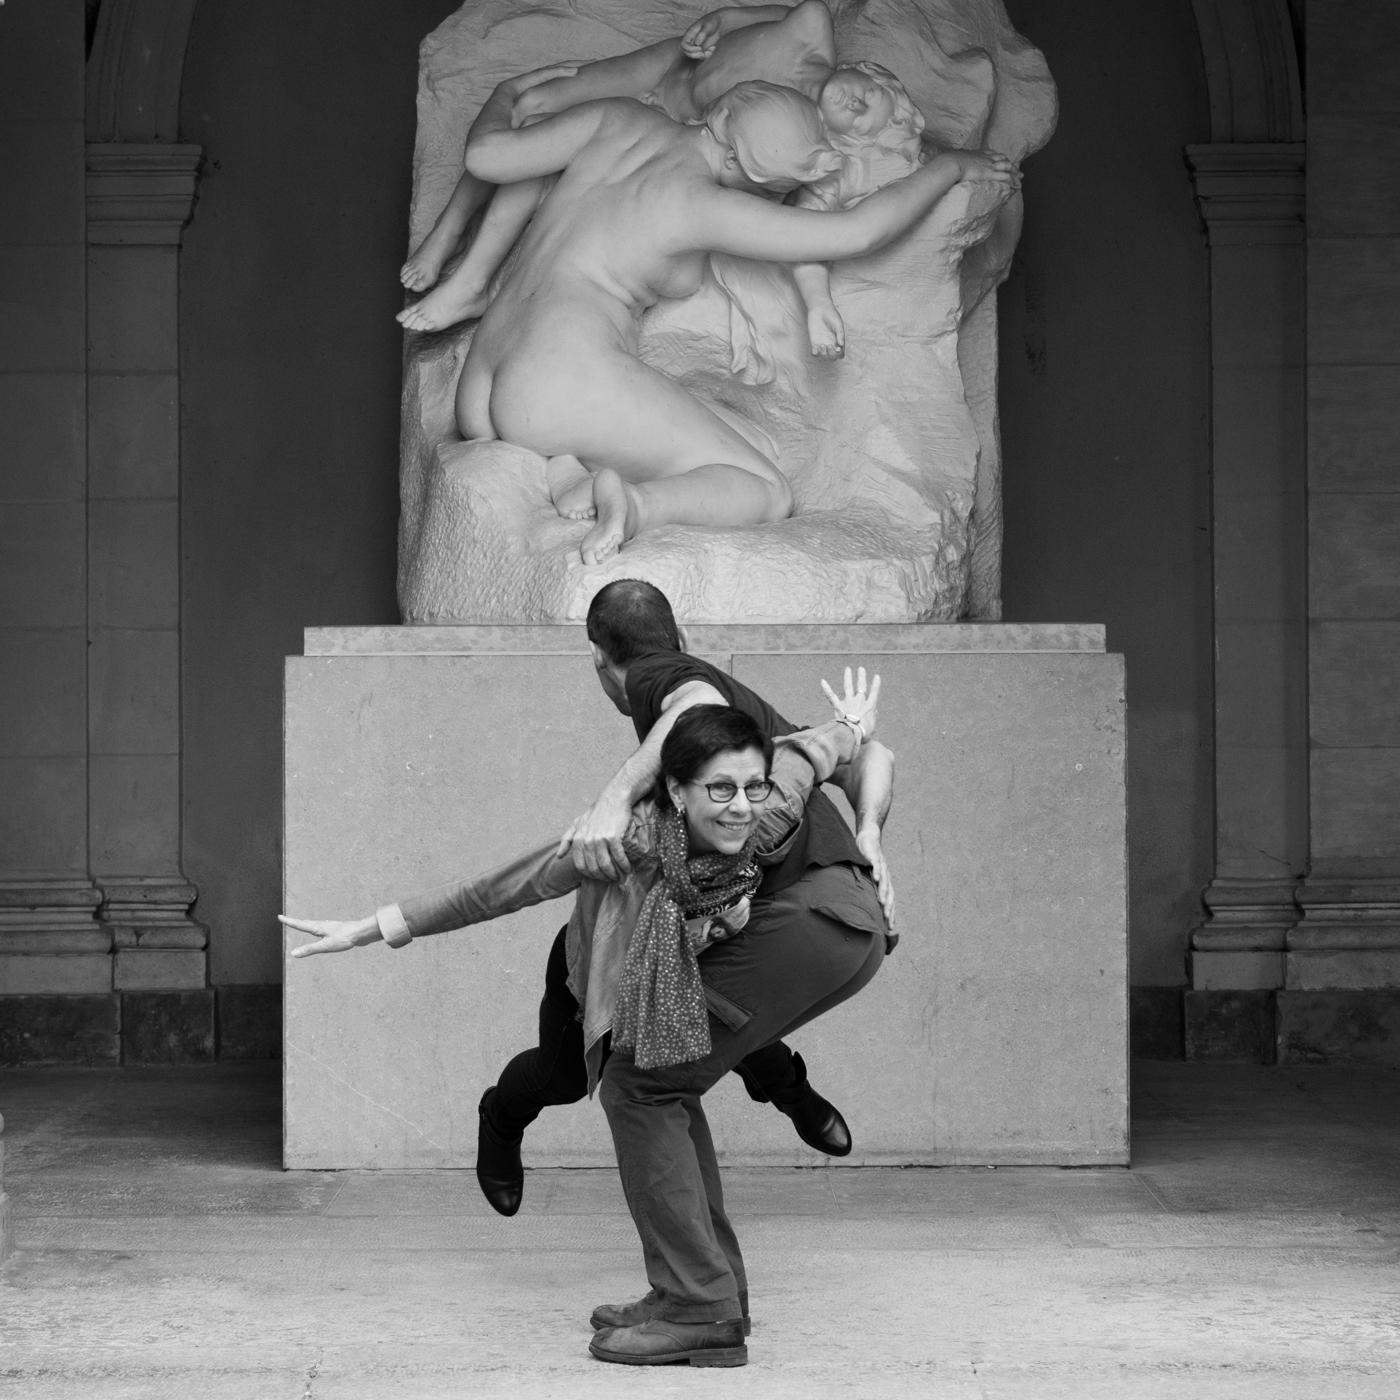 Musée_Lyon_2016_-_Autoportrait_à_l'envol